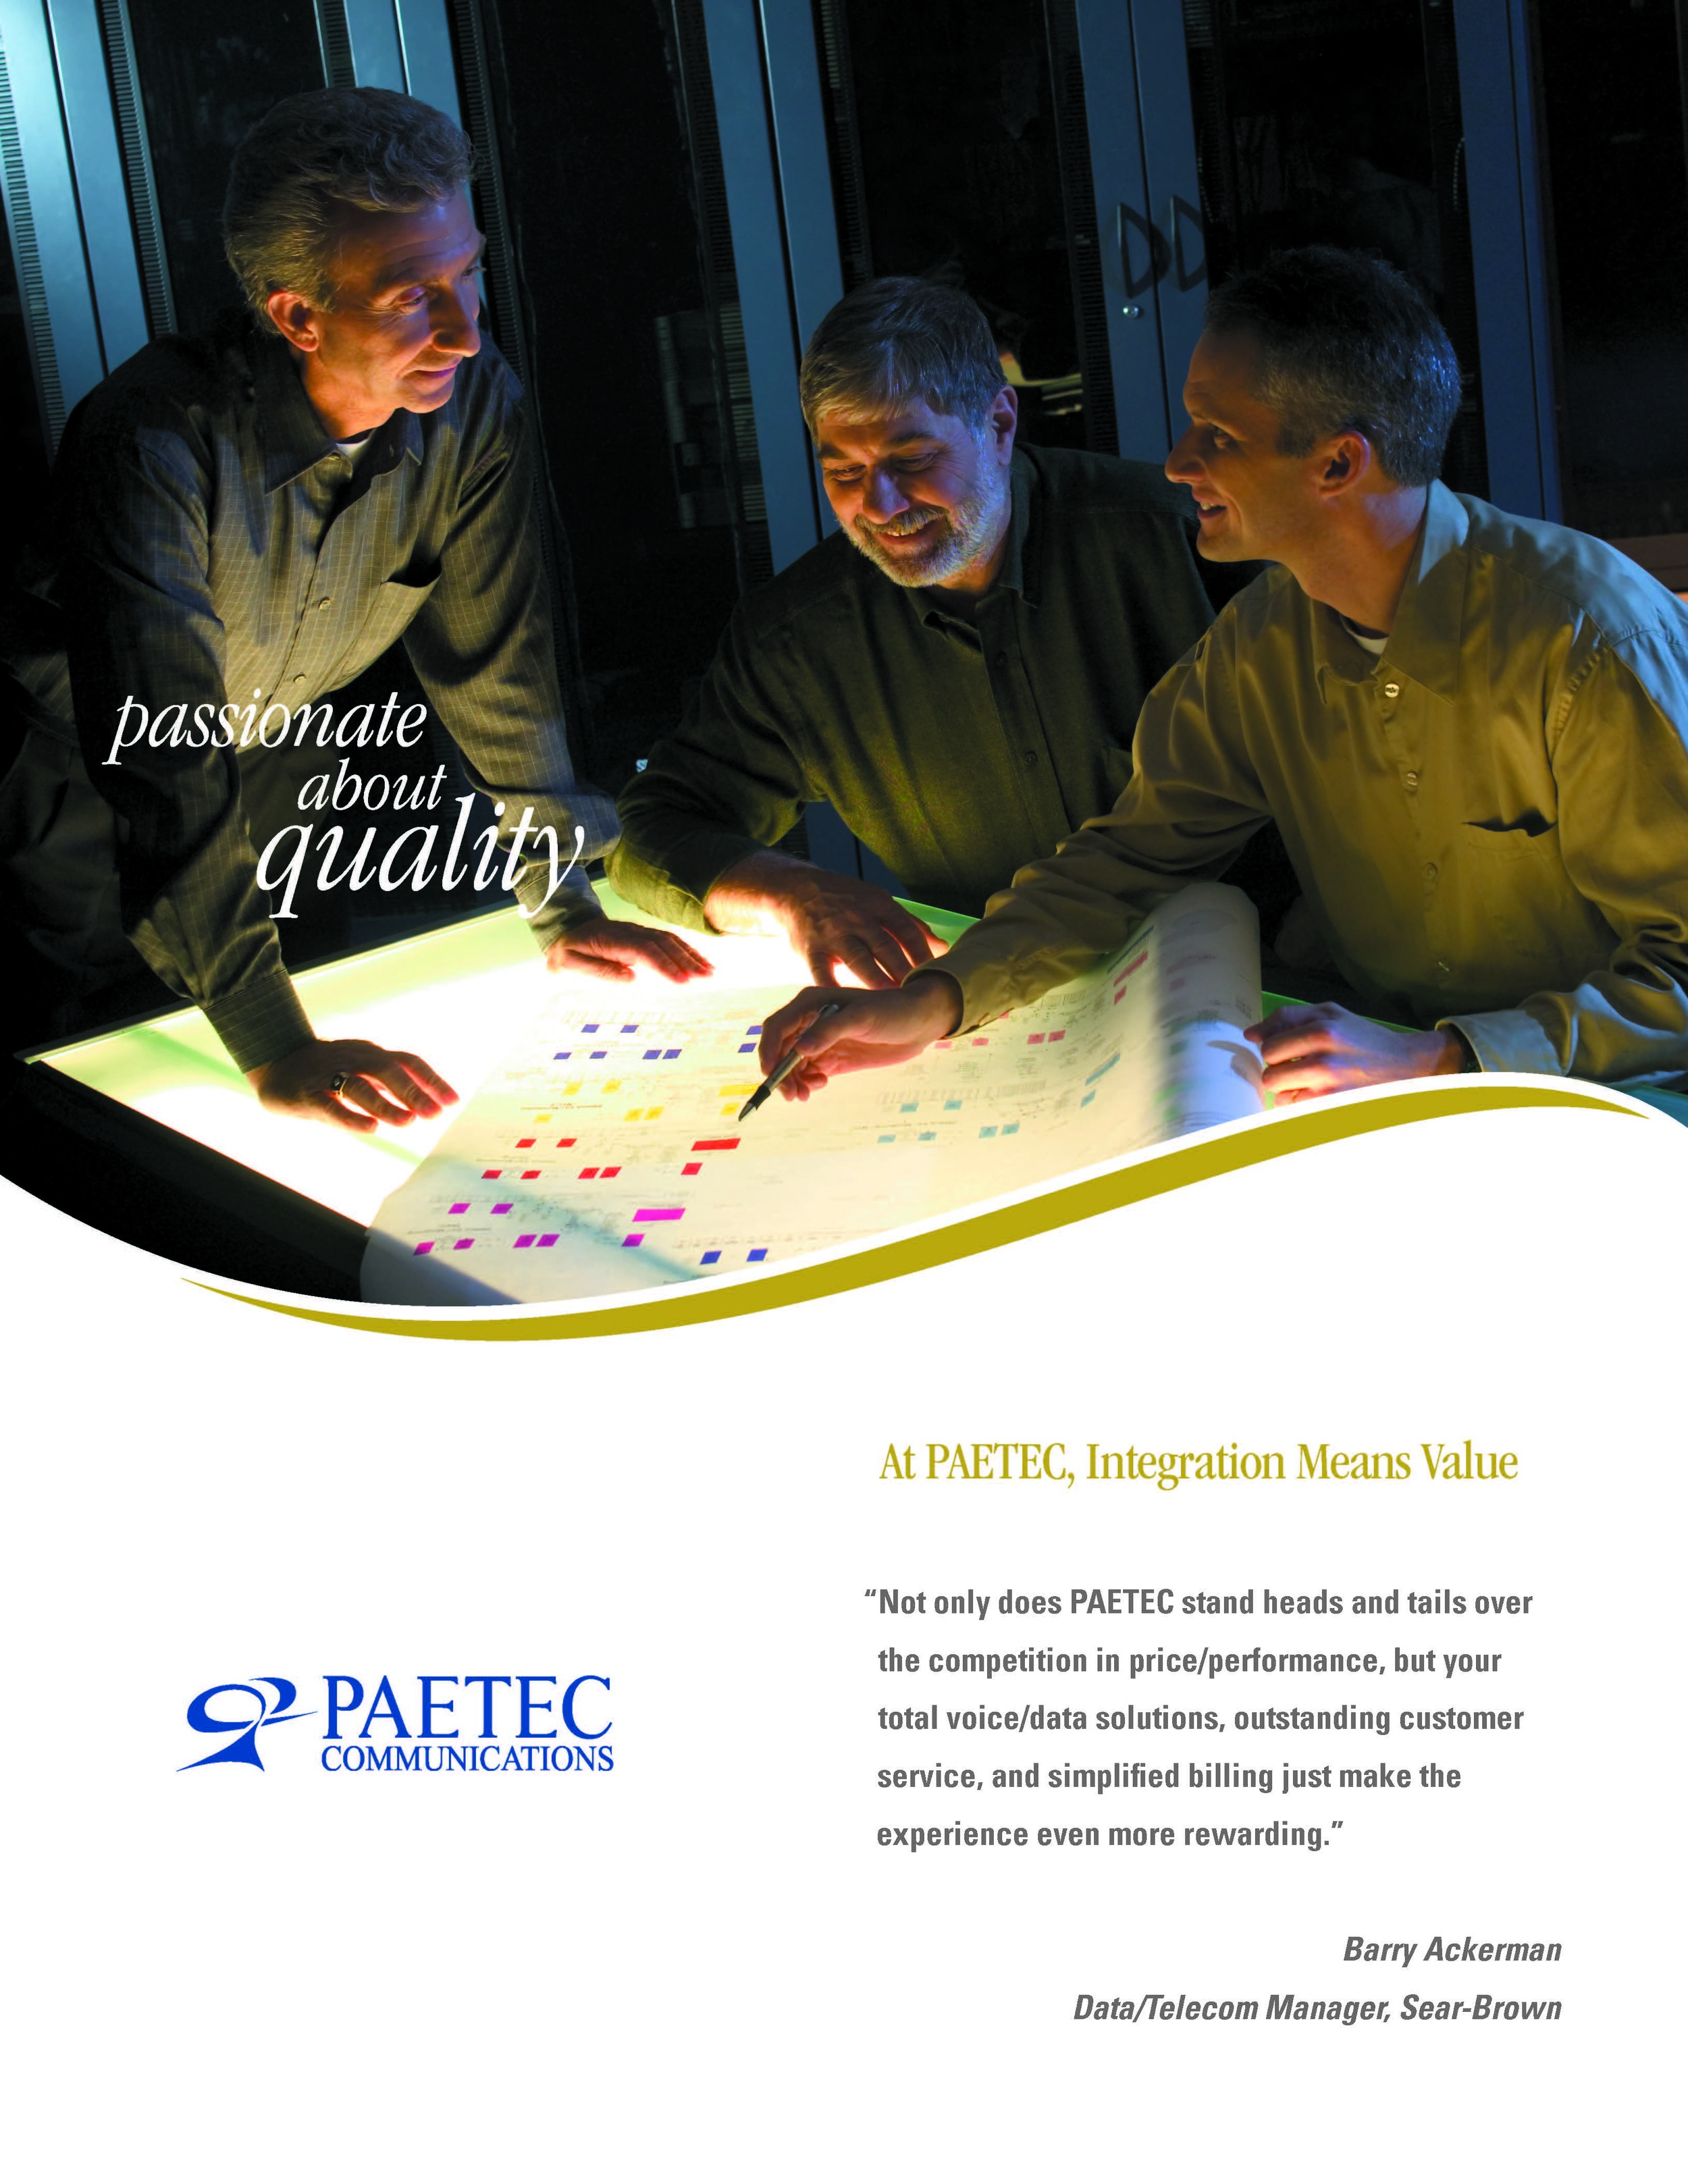 Paetec_Page_45.jpg